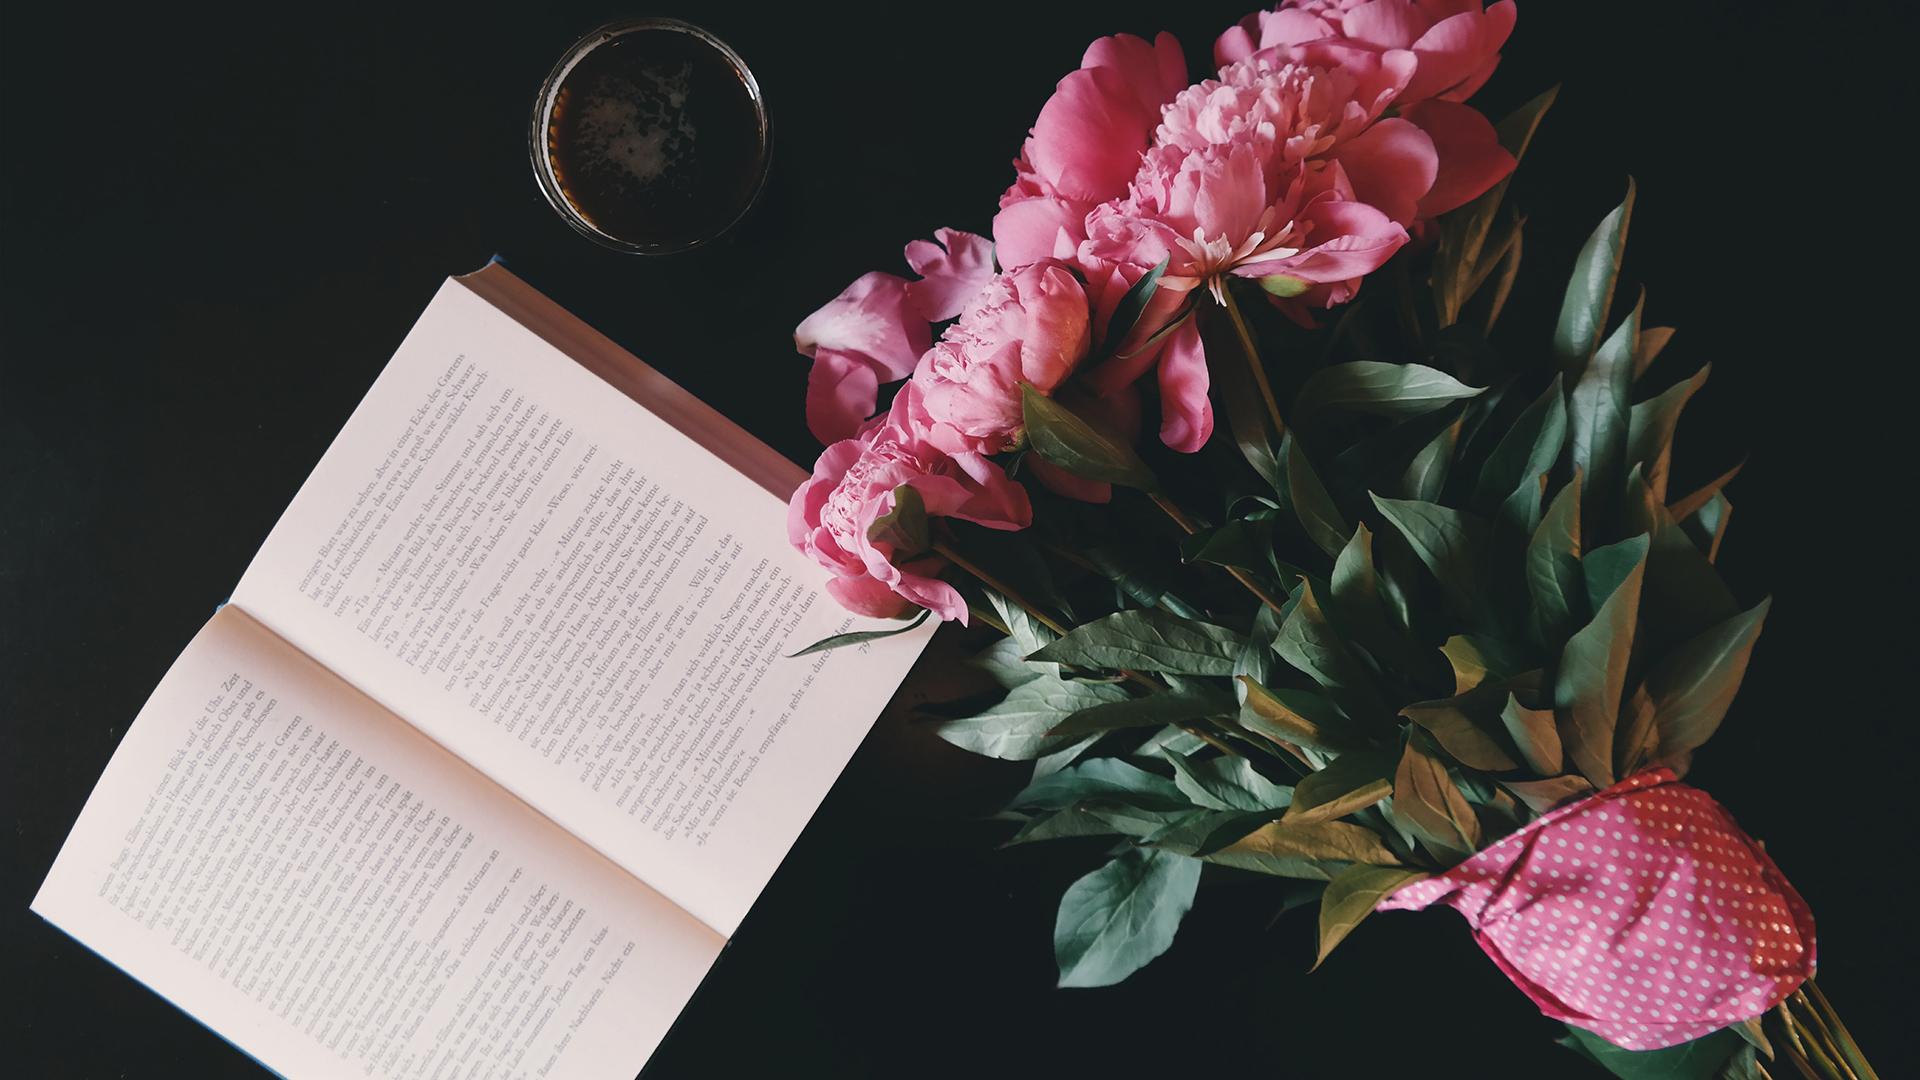 《工作赢在心态》读书心得